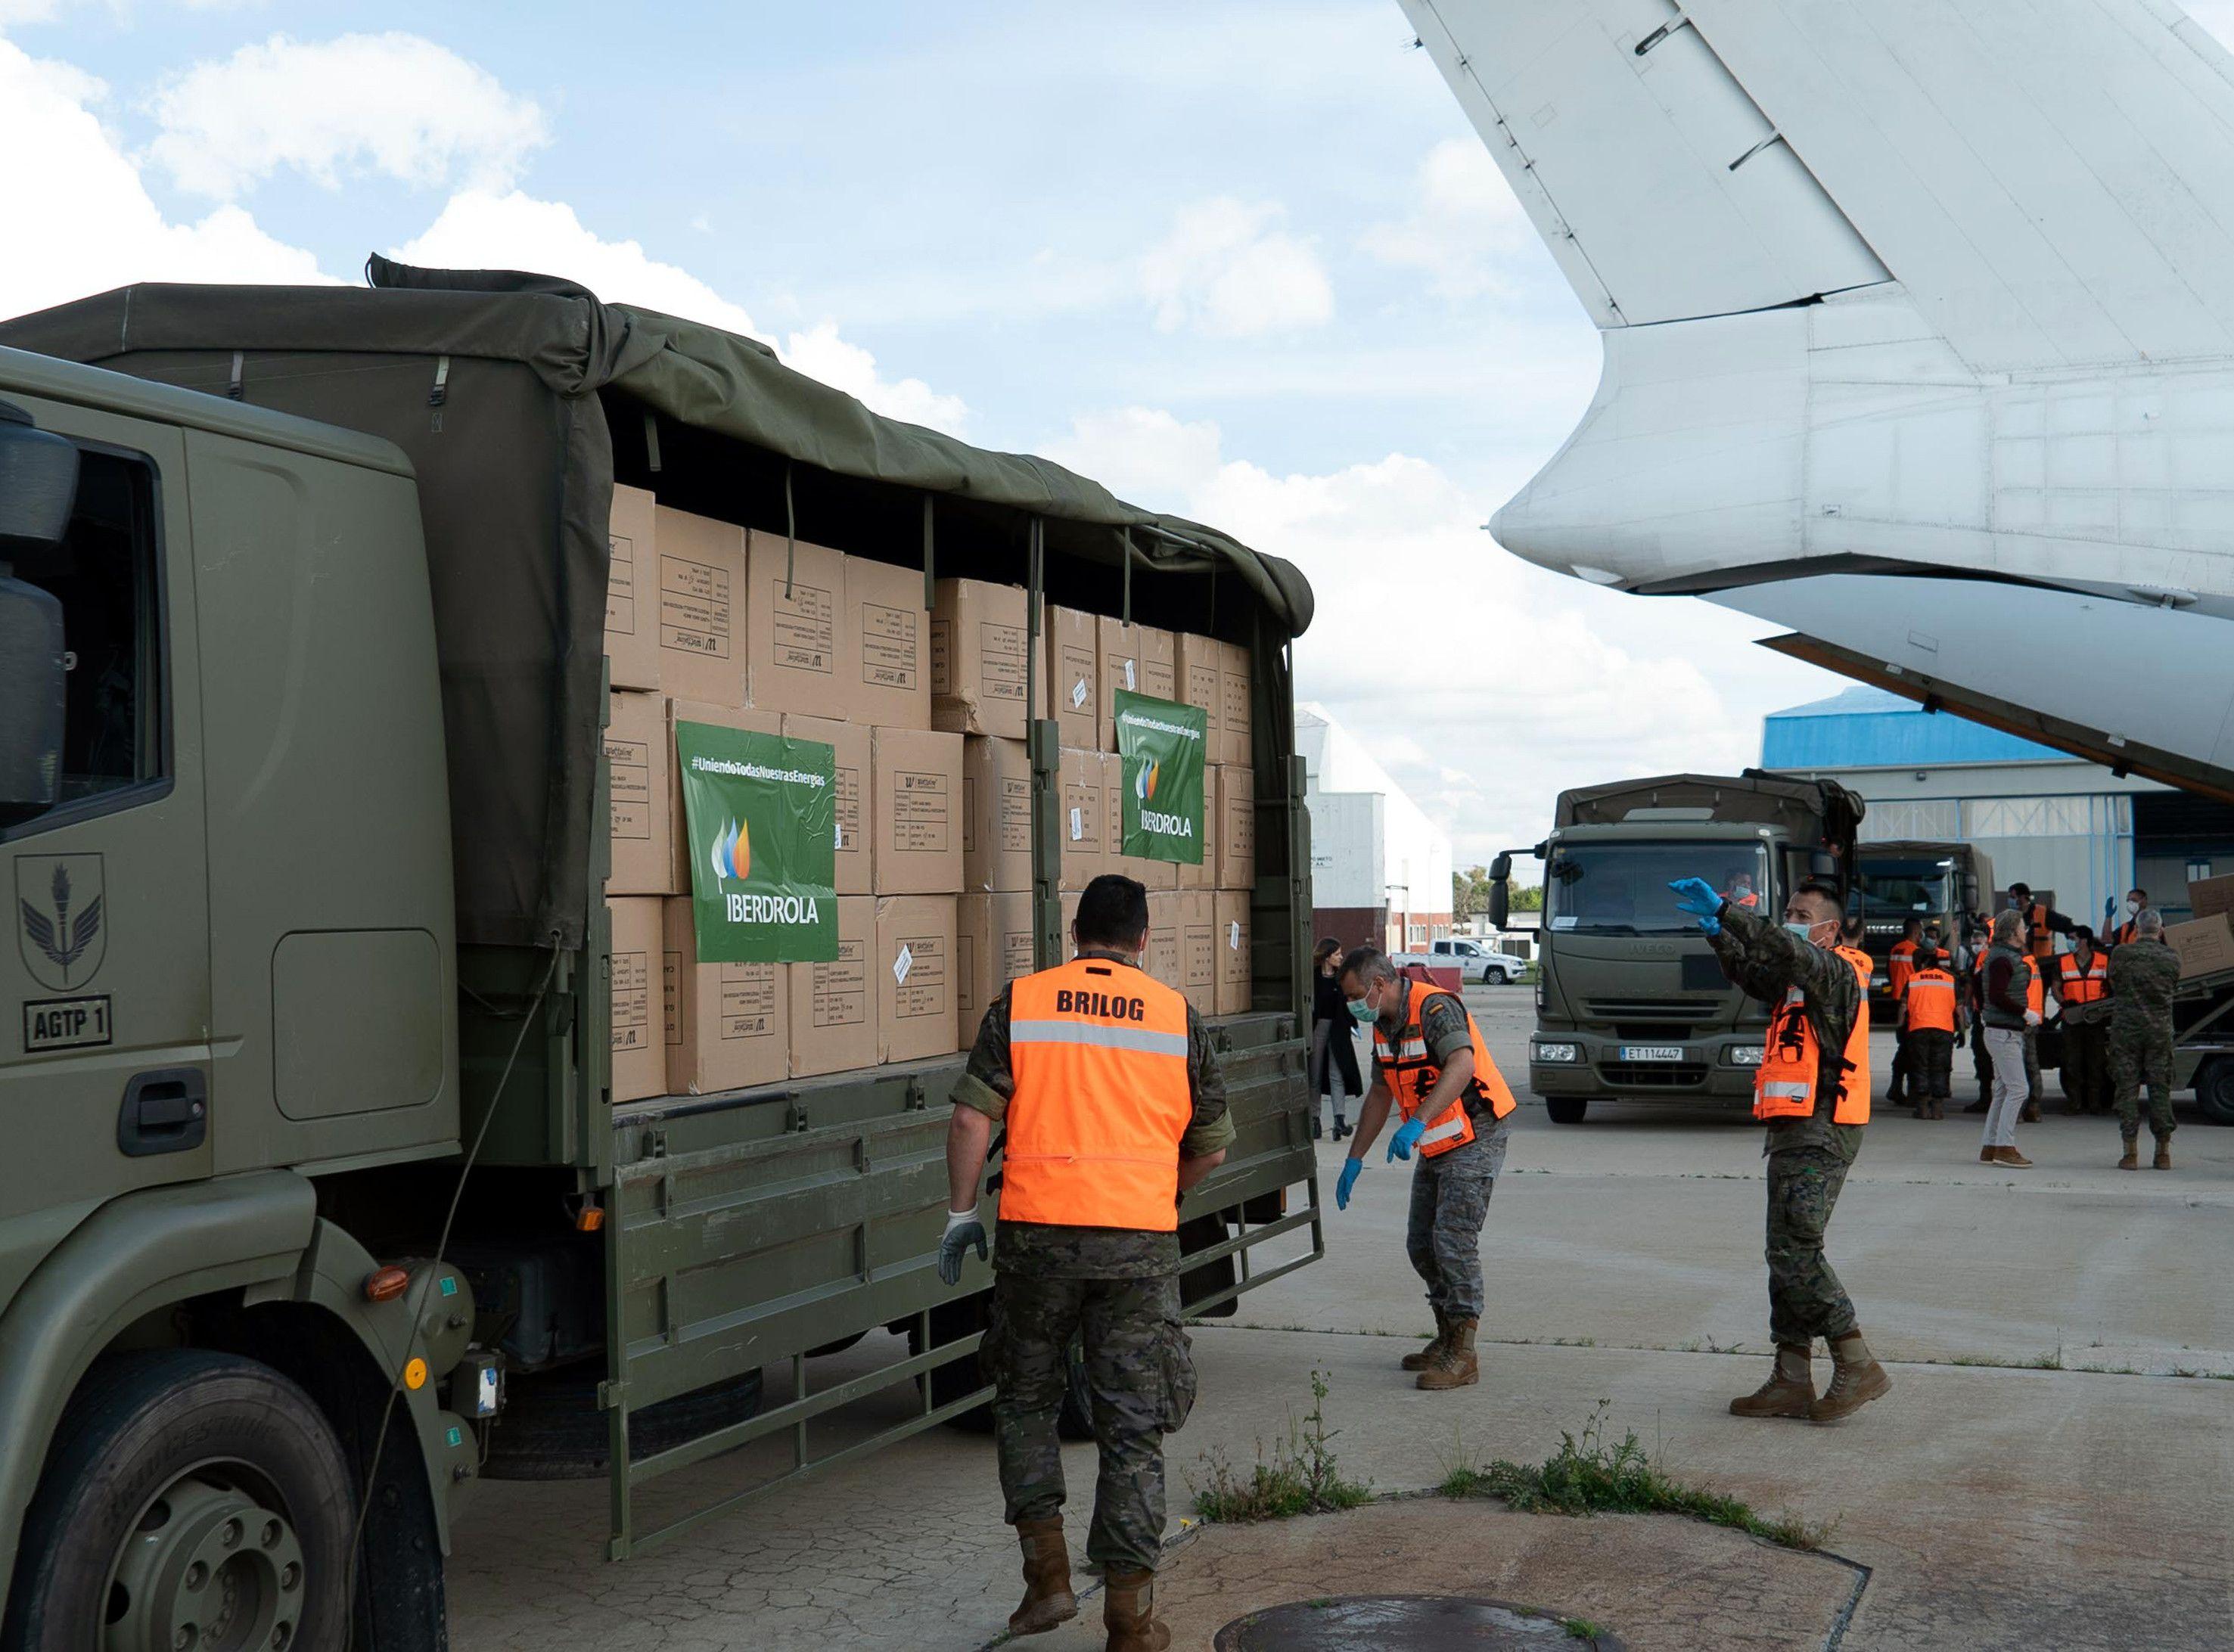 2020 04 11. El Eju00e9rcito transporta material donado Iberdrola 3